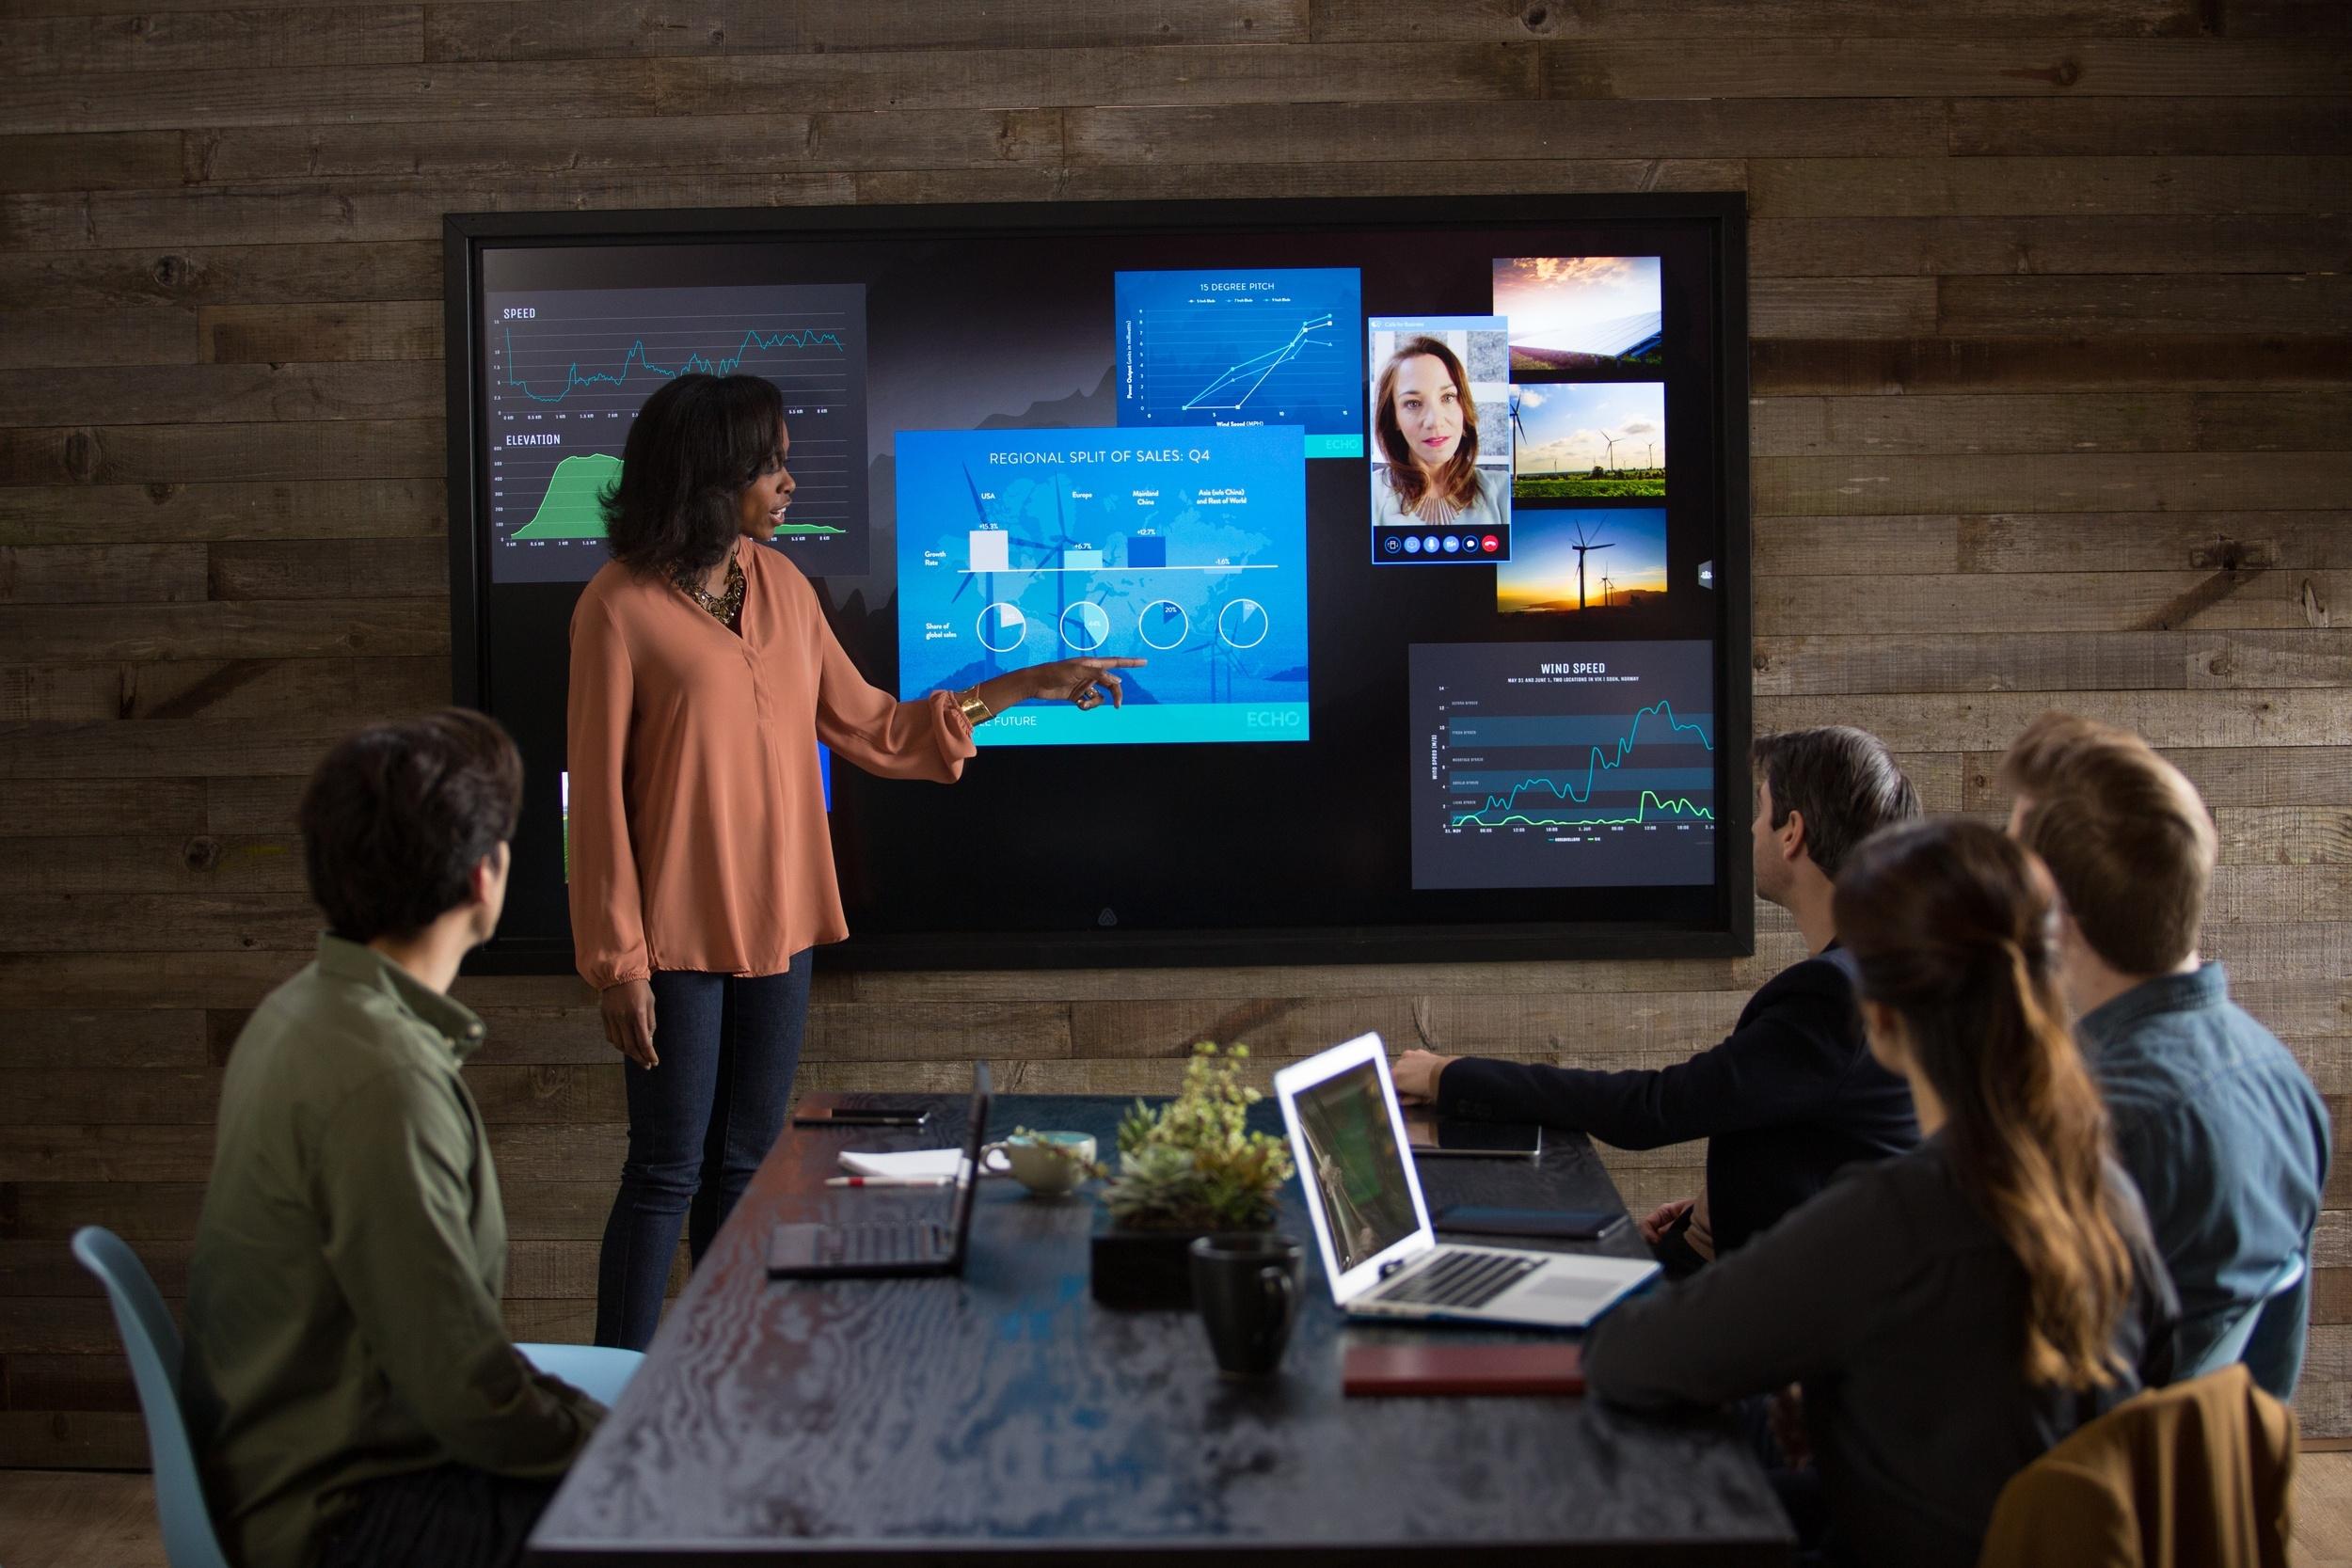 Критерии выбора интерактивной панели